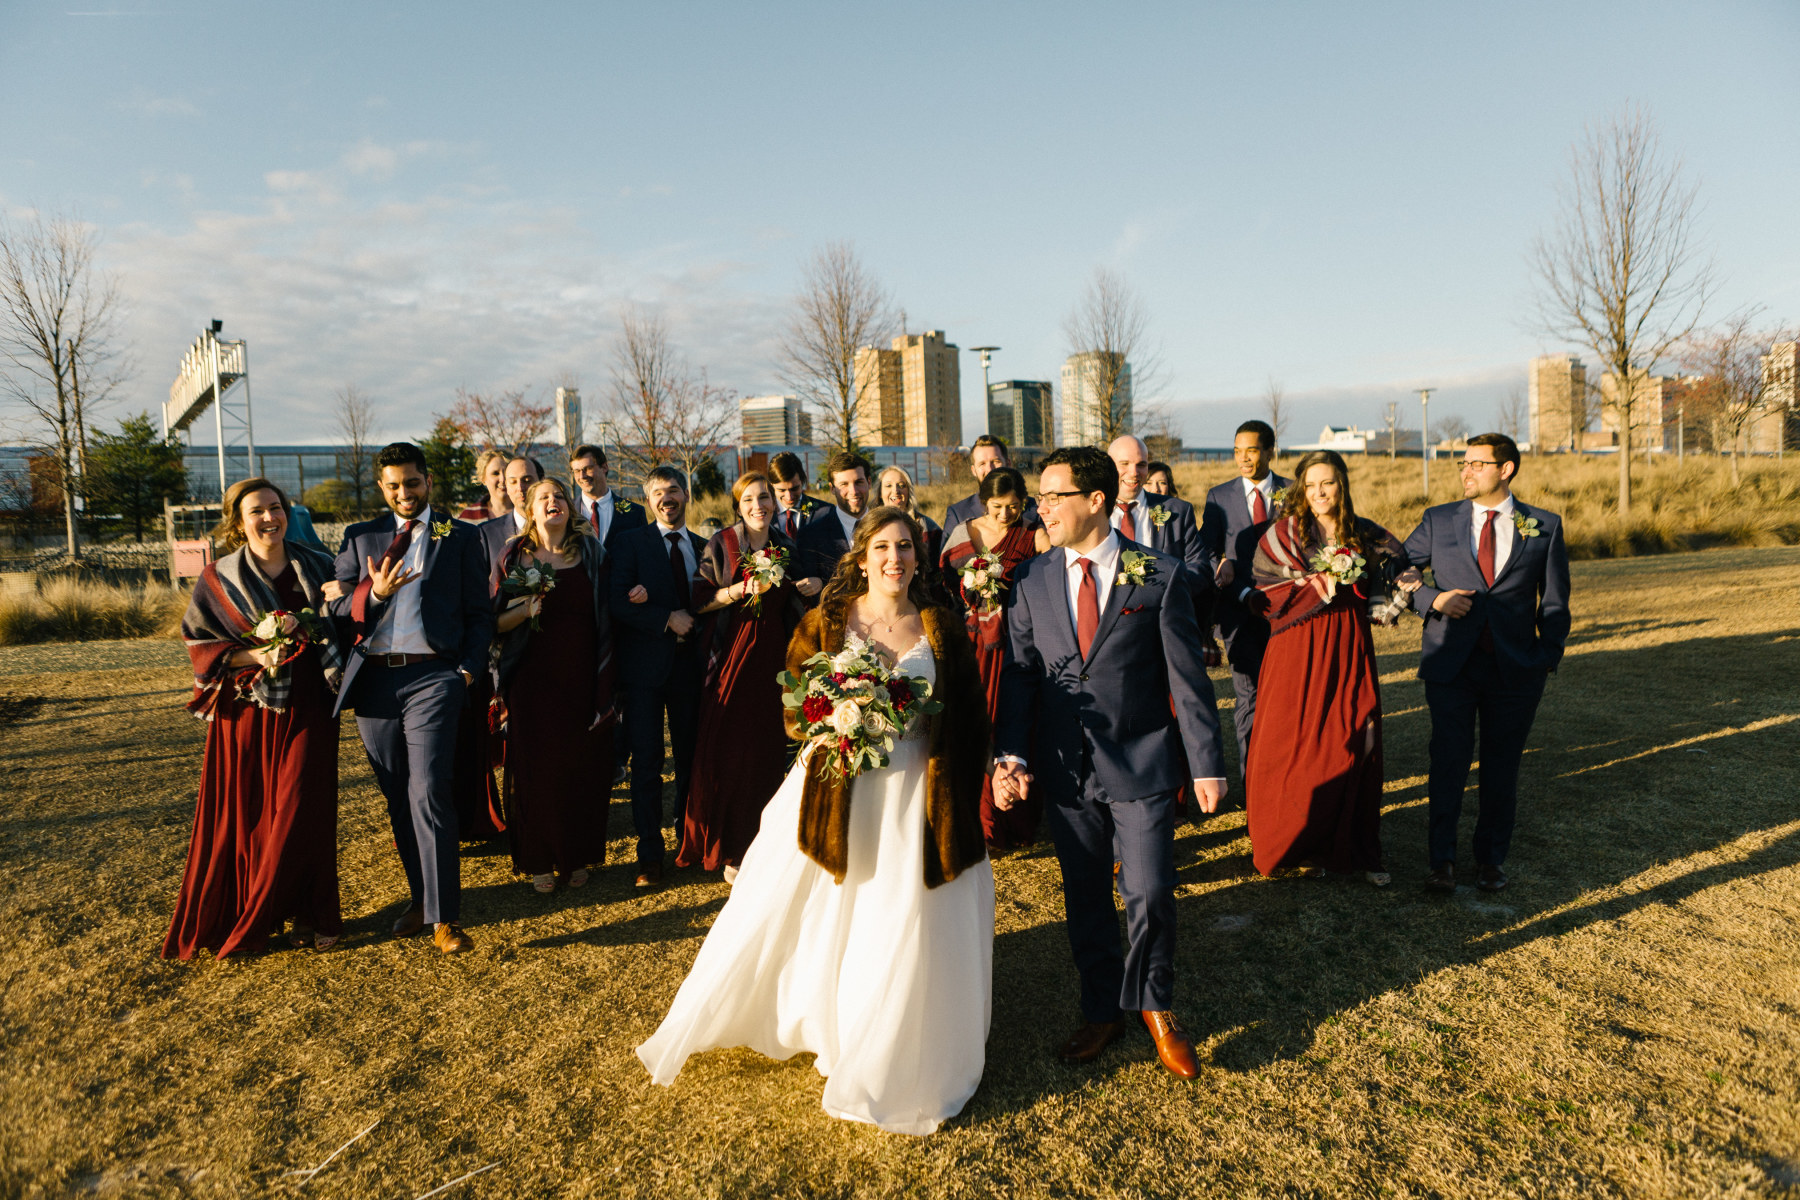 10_WeddingParty_048.jpg